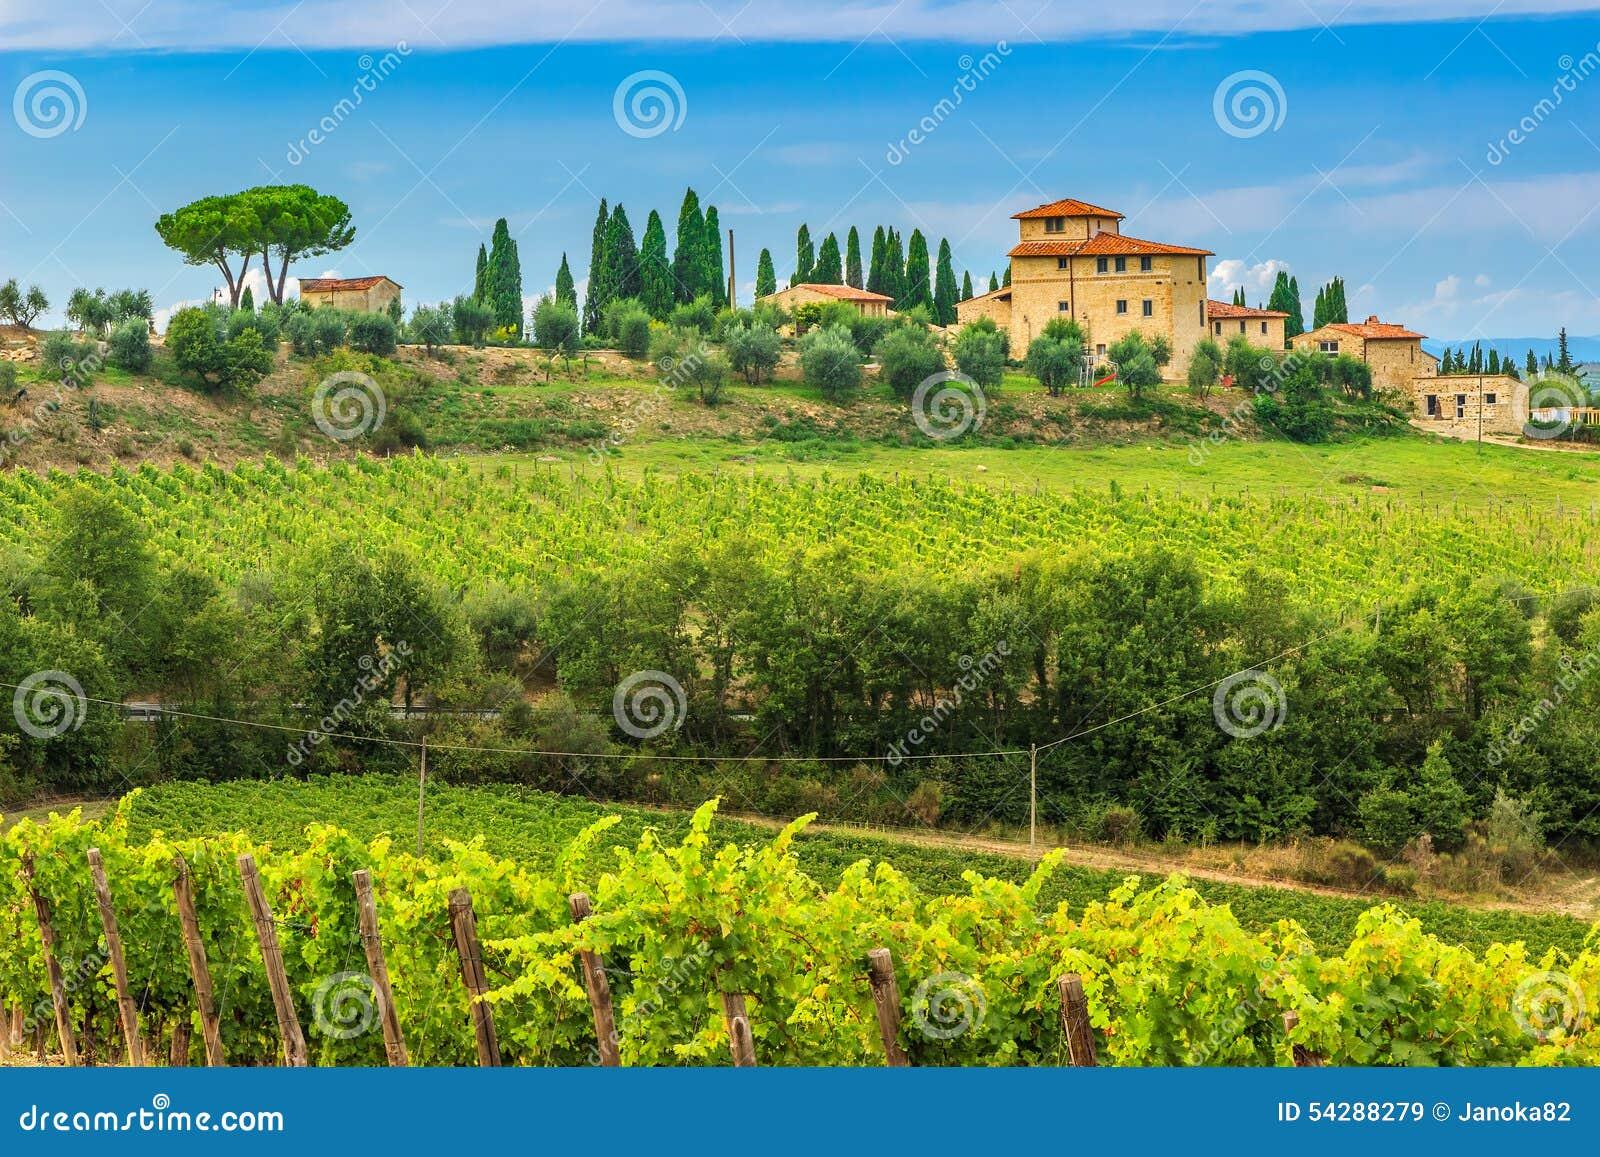 Paisaje del viñedo de Chianti con la casa de piedra, Toscana, Italia, Europa